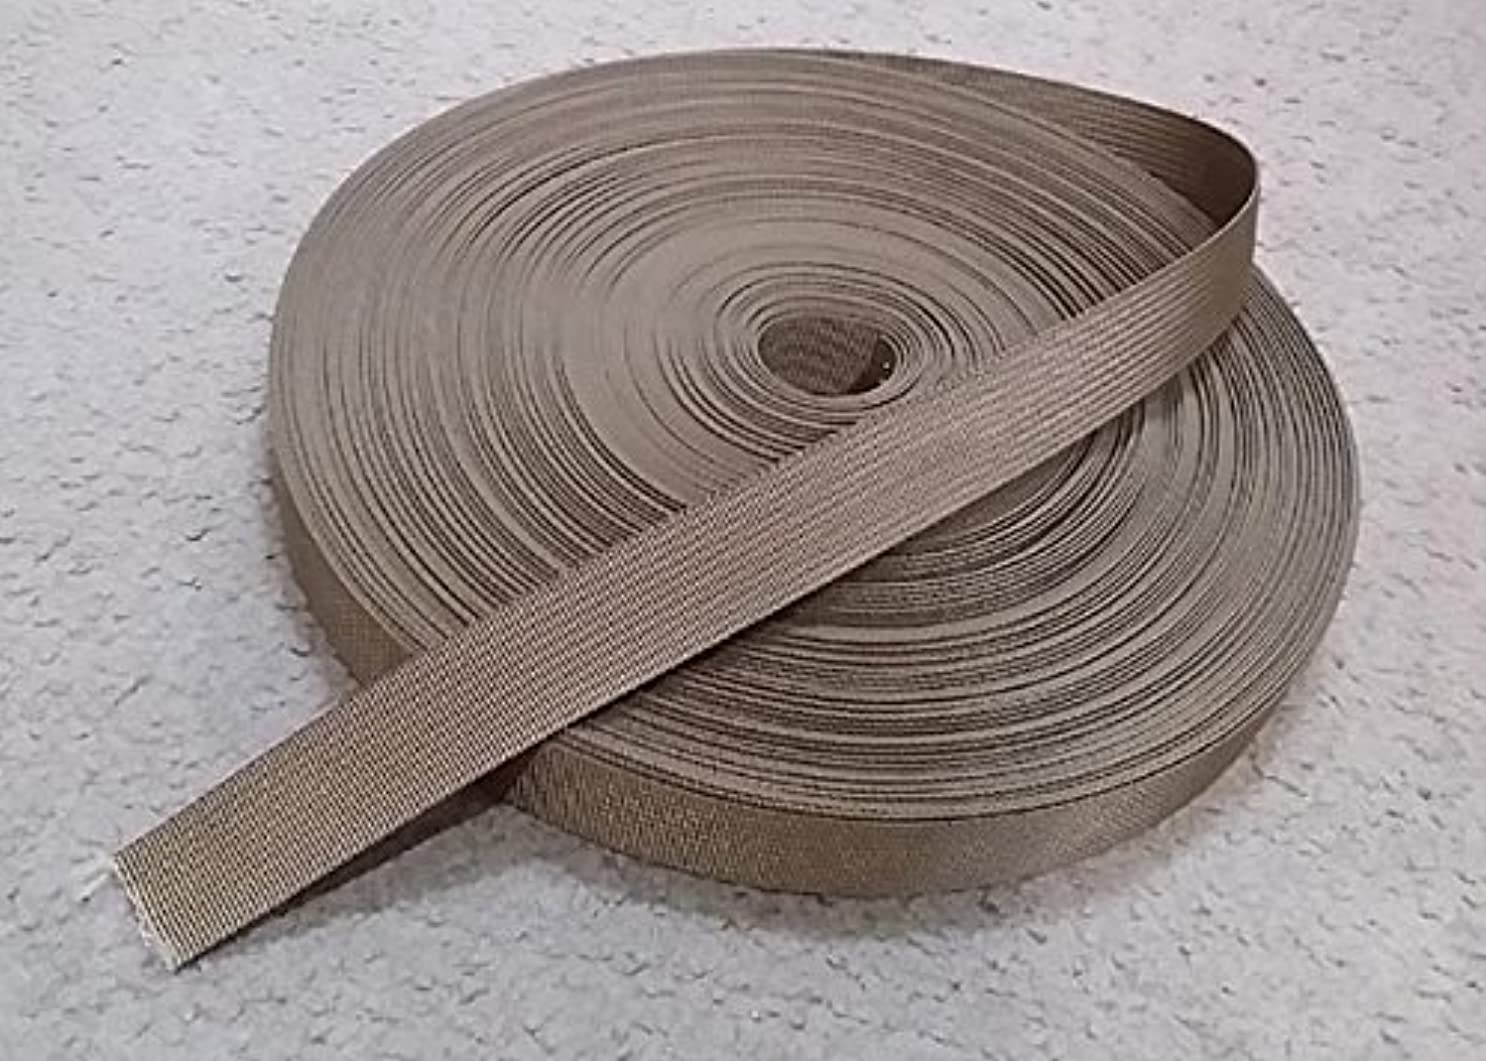 最も早い慈善ジャンプモールテープ Nylon Webbing (25mm) Coyote Brown 5メートル